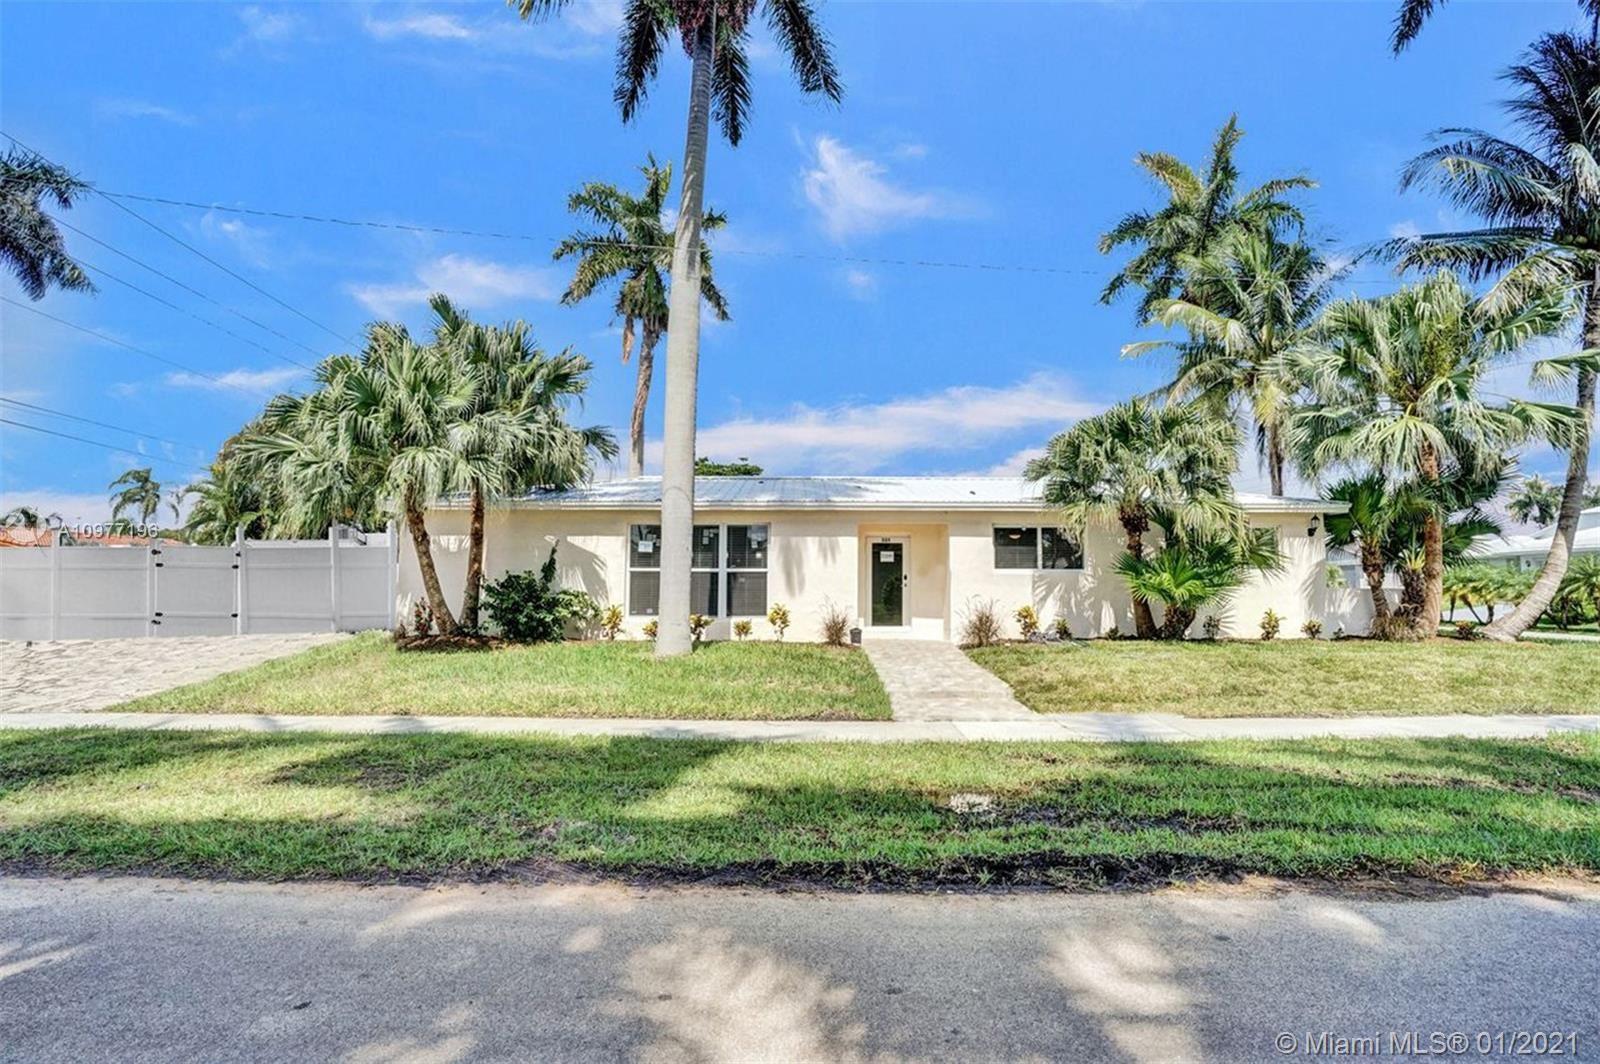 325 SE 4th Ave, Dania, FL 33004 - #: A10977196